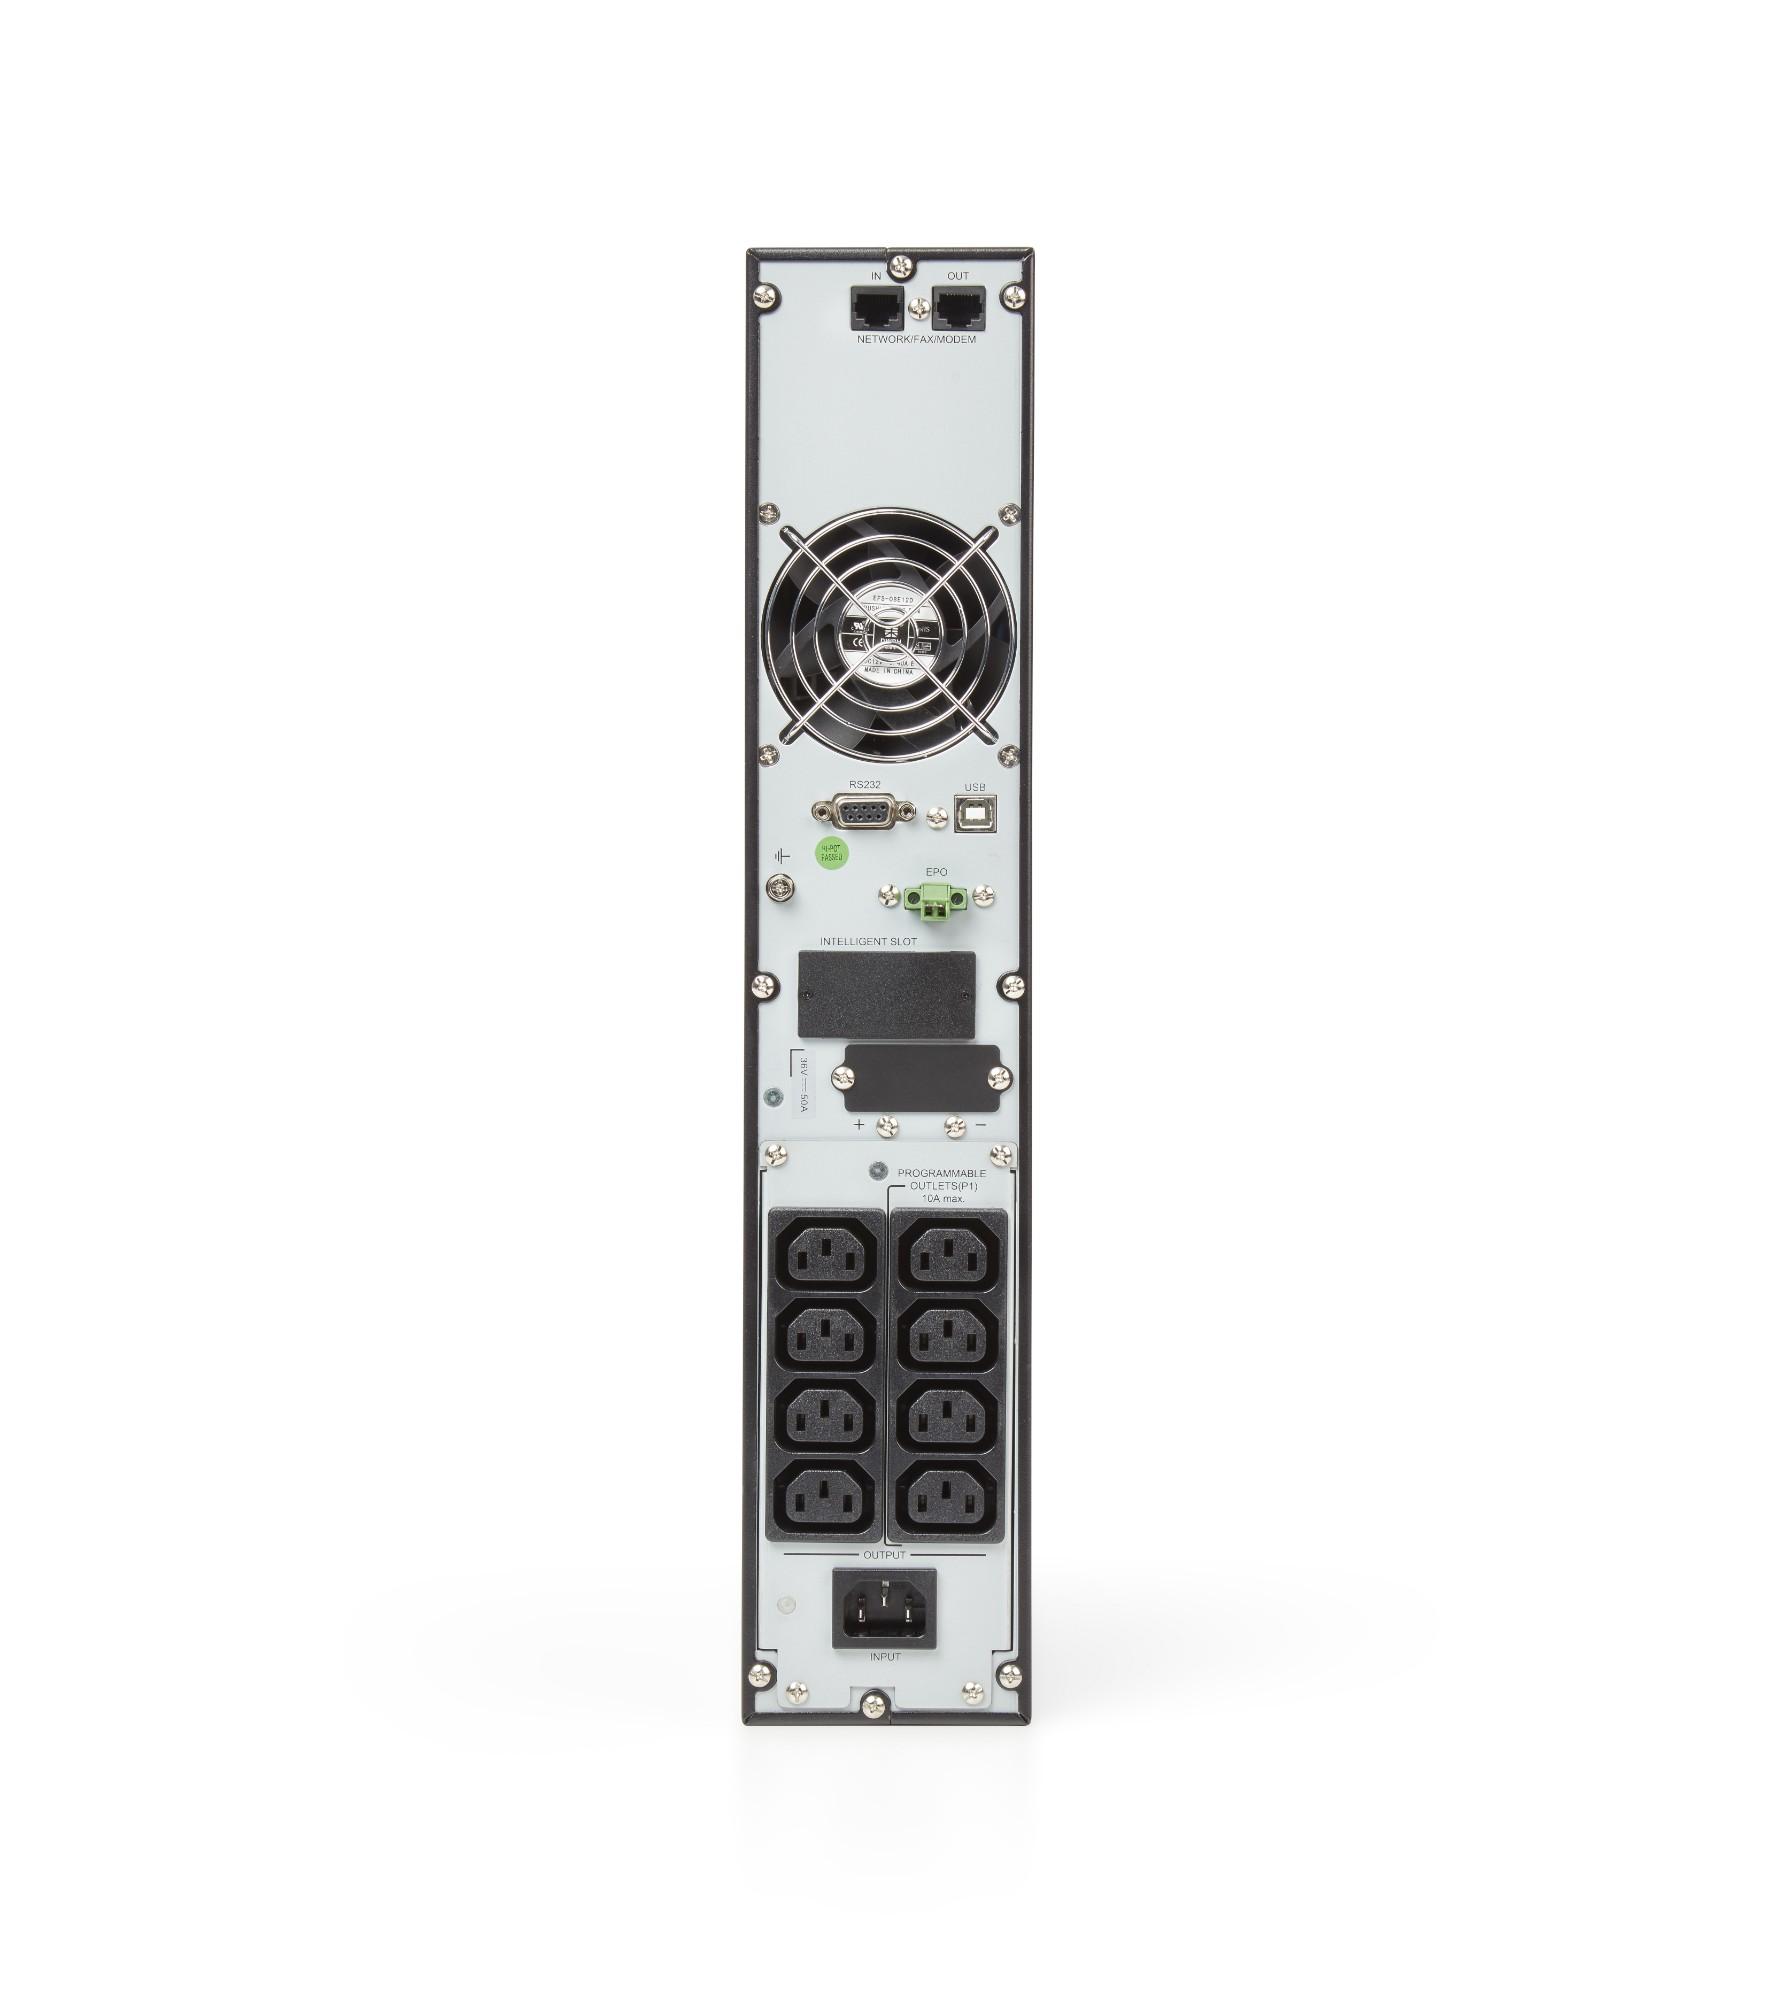 UPS Slc-1500-twin Rt2 1500va/1500w 8 X Iec C13 Online Black